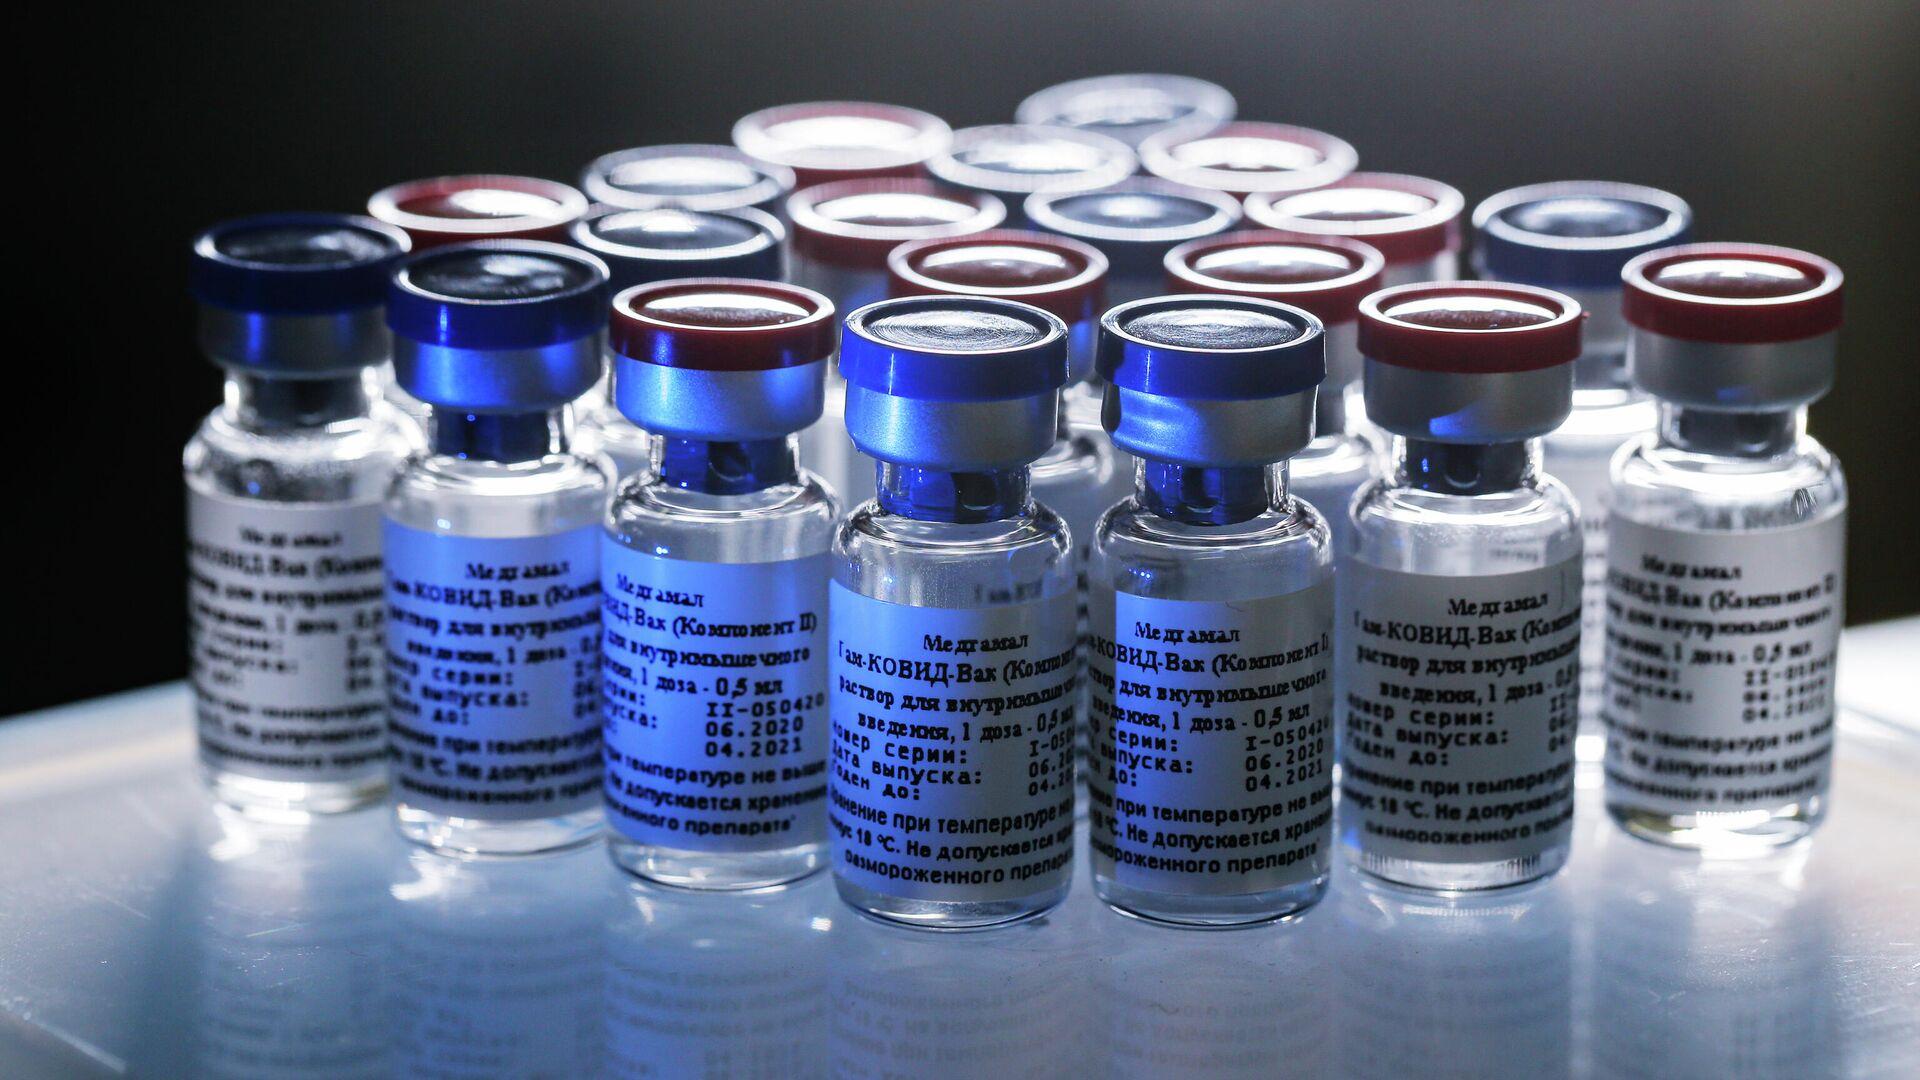 Вакцина против новой коронавирусной инфекции впервые в мире зарегистрирована в России 11 августа - РИА Новости, 1920, 02.09.2020